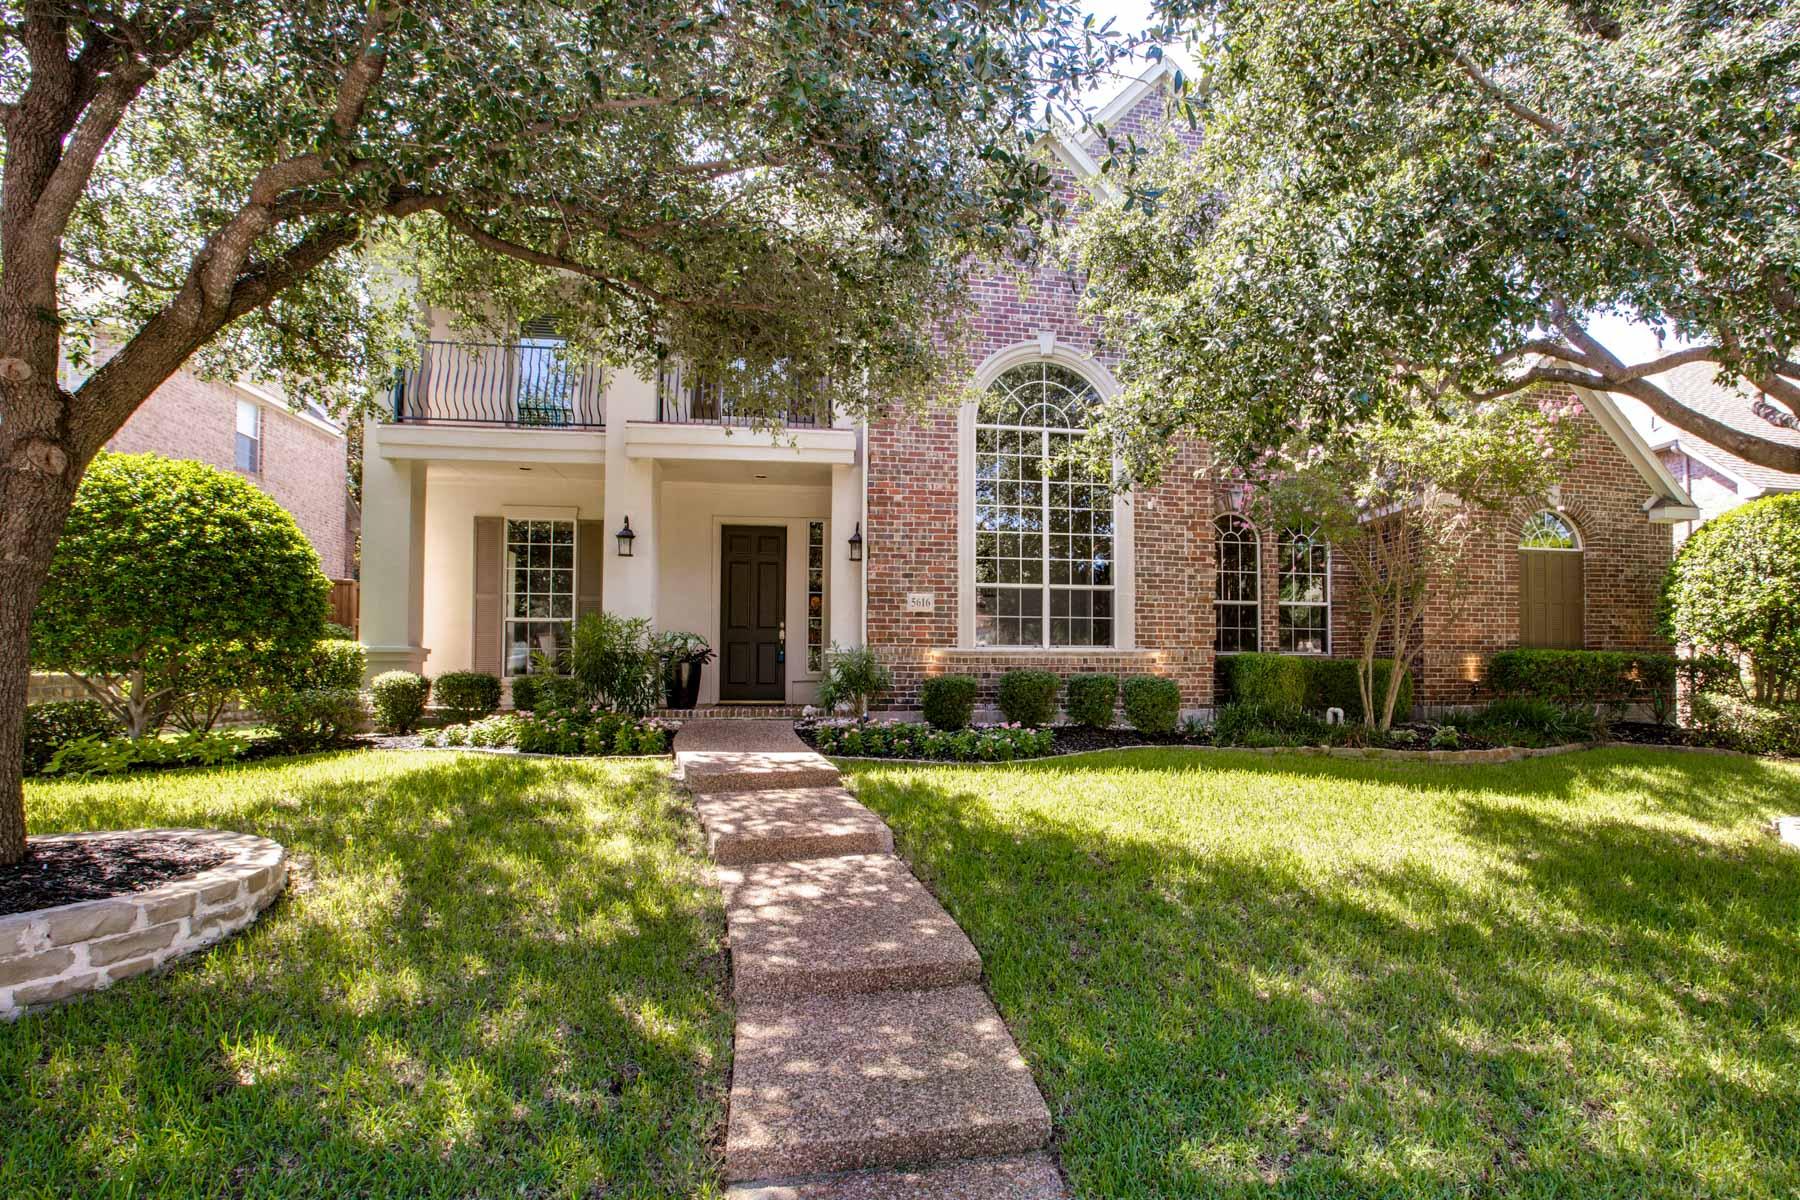 Villa per Vendita alle ore Stunning Starwood Remodel 5616 Widgeon Way Frisco, Texas, 75034 Stati Uniti